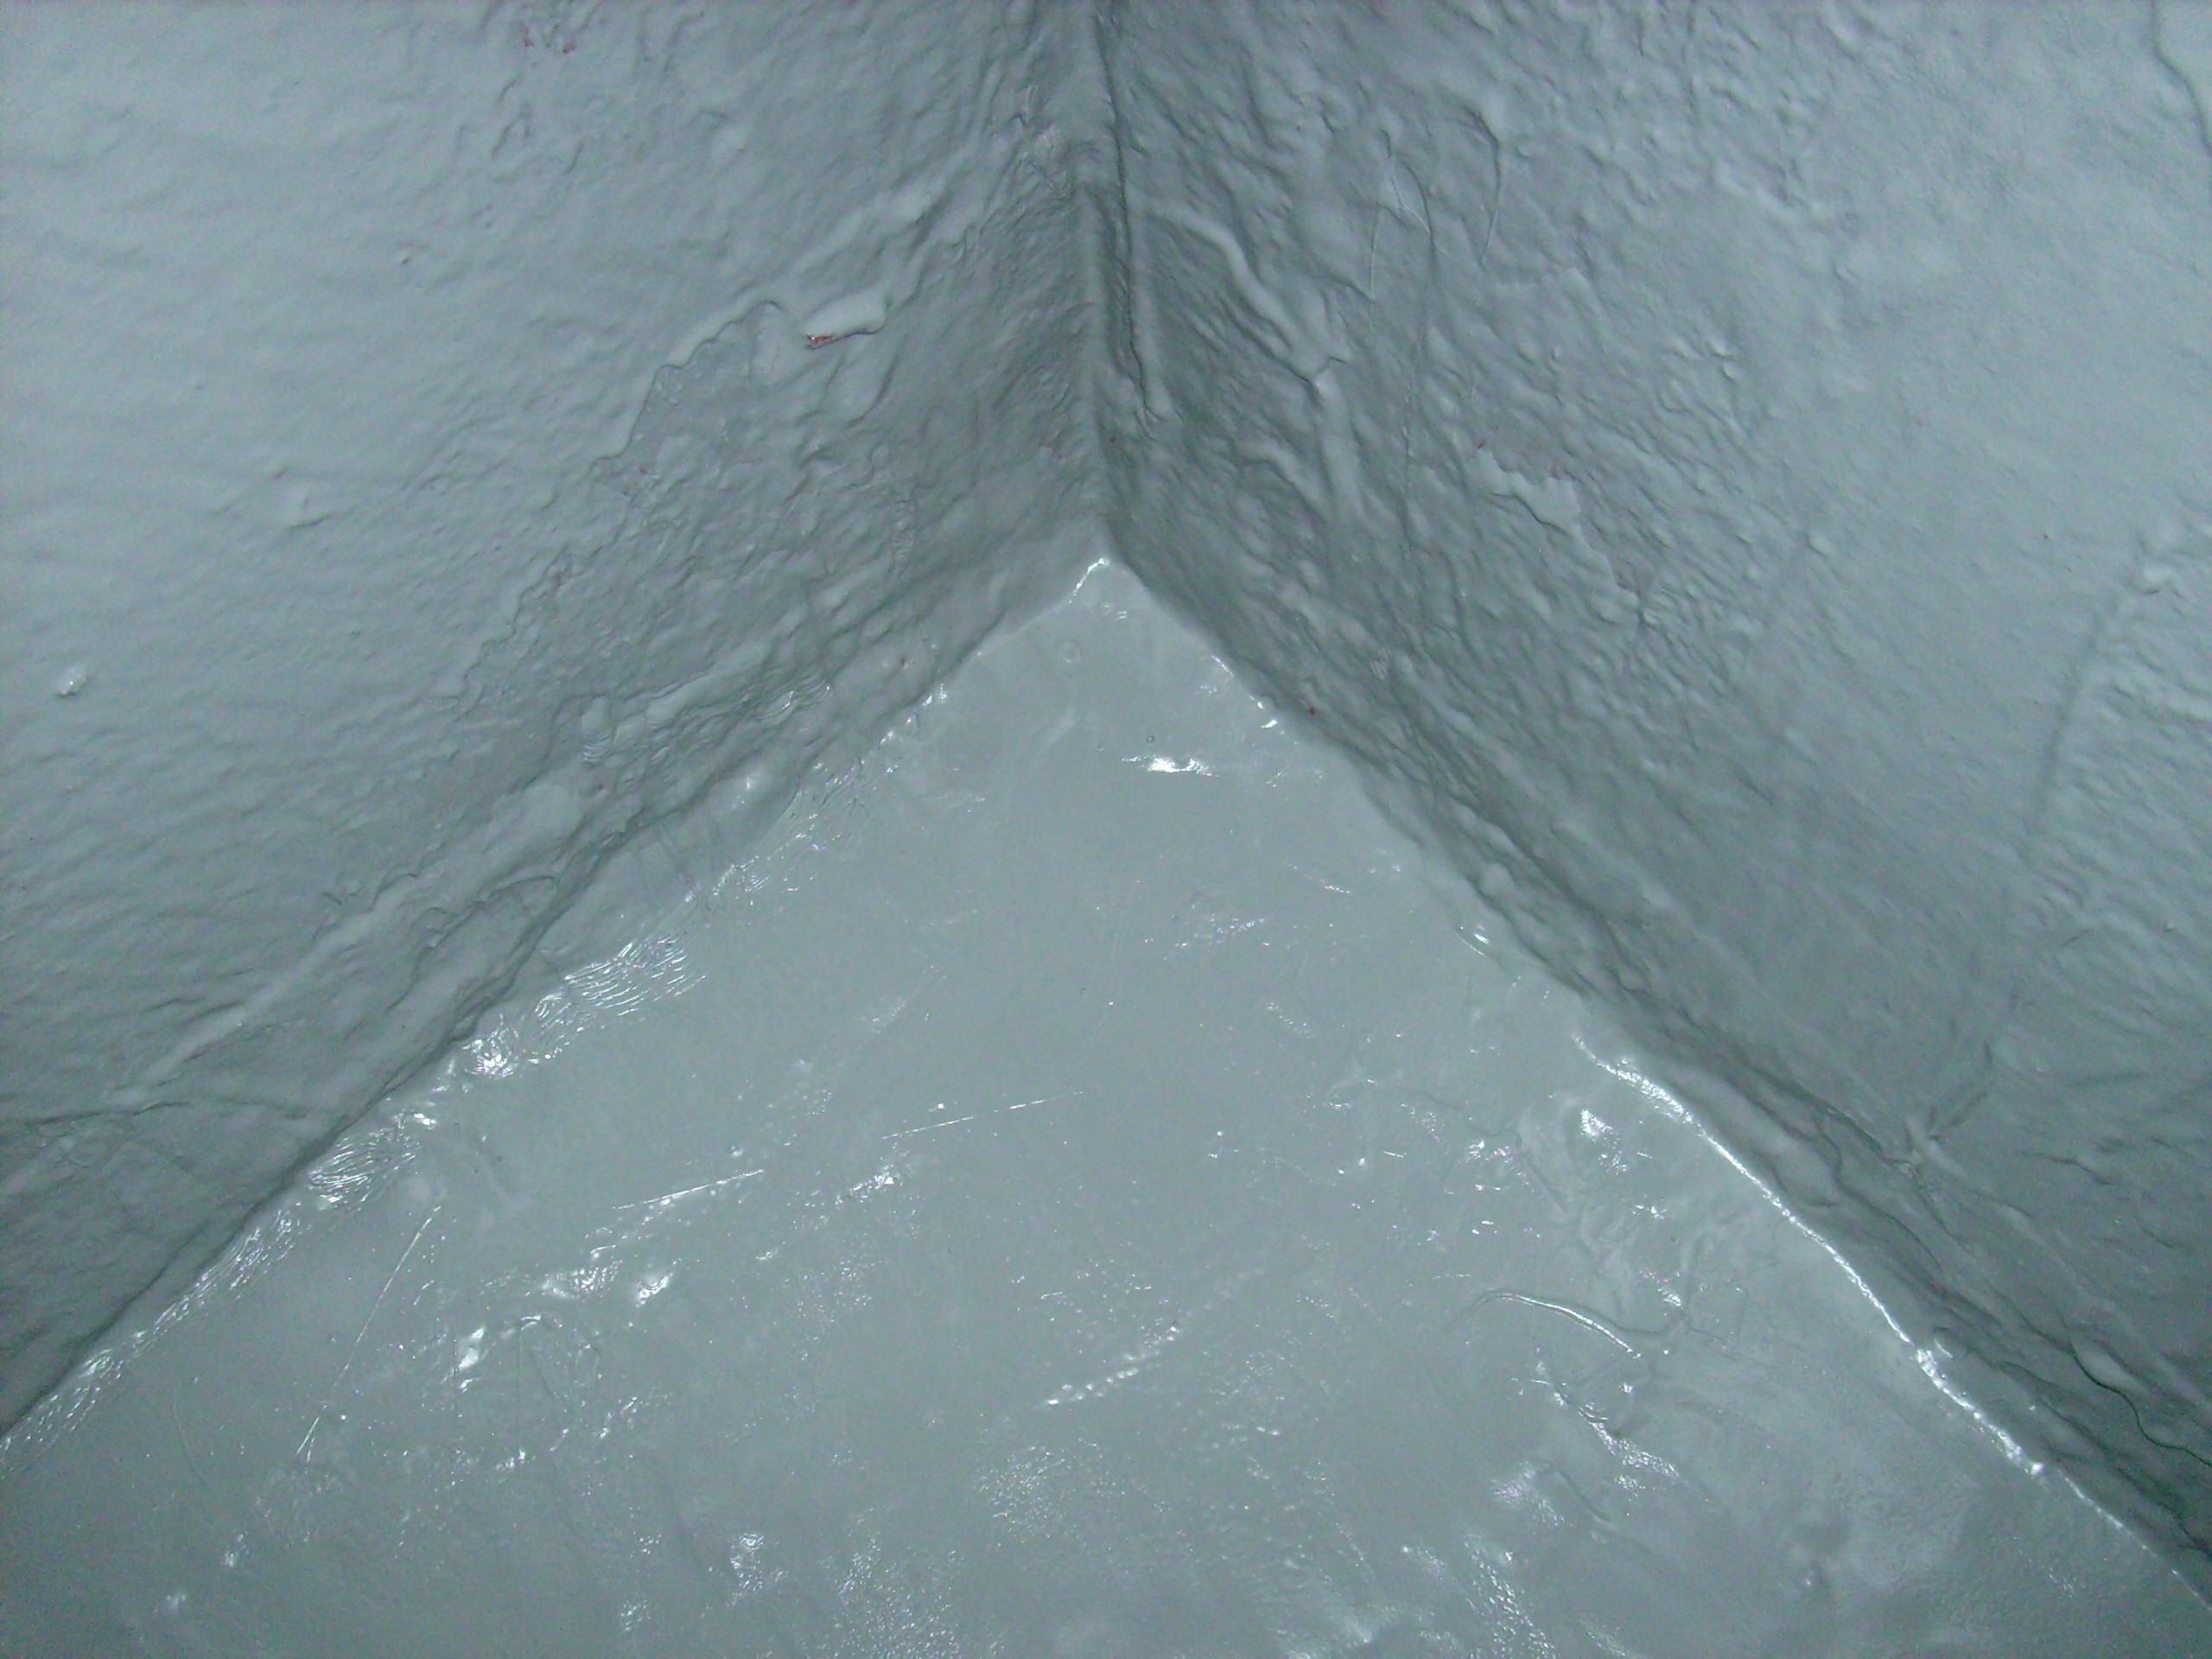 Aplicarea tratamentelor de impermeabilizare - Bazin de apa pentru incendiu - DAGESH - Turn Platinum UNICO PROFIT - Poza 33